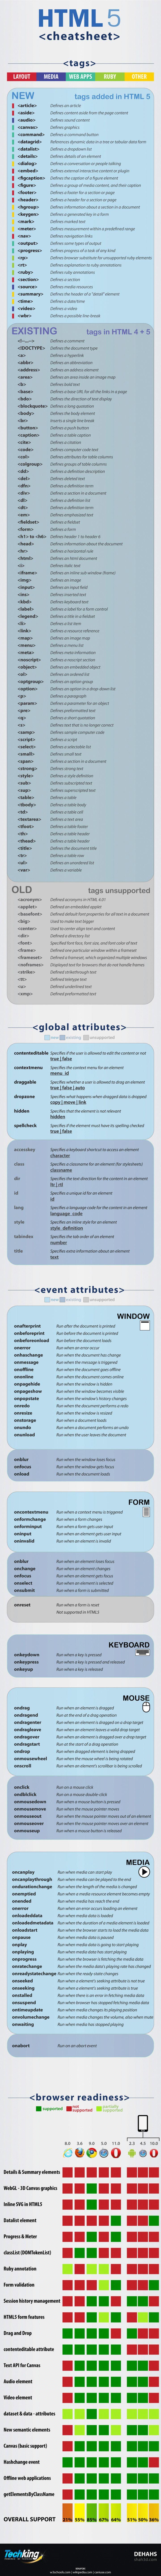 Ultimate HTML5 Cheatsheat #Infographic